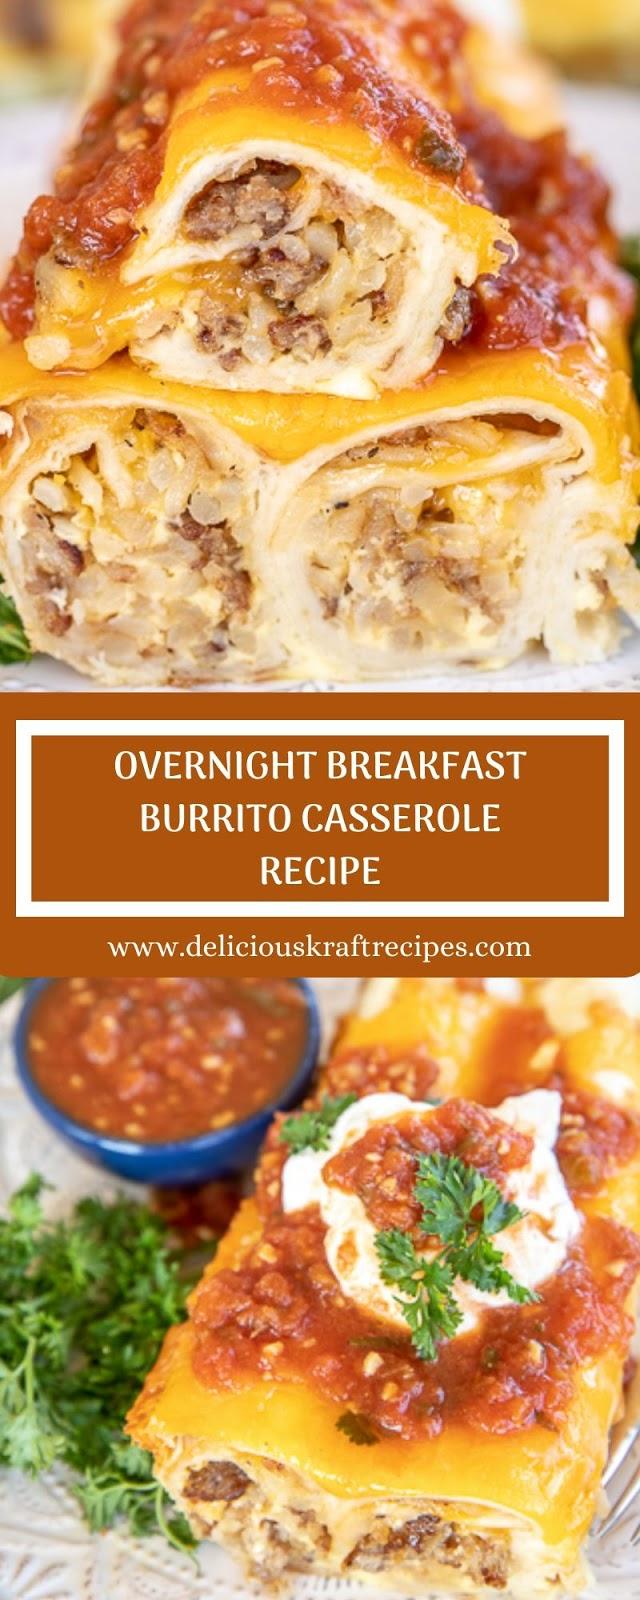 OVERNIGHT BREAKFAST BURRITO CASSEROLE RECIPE